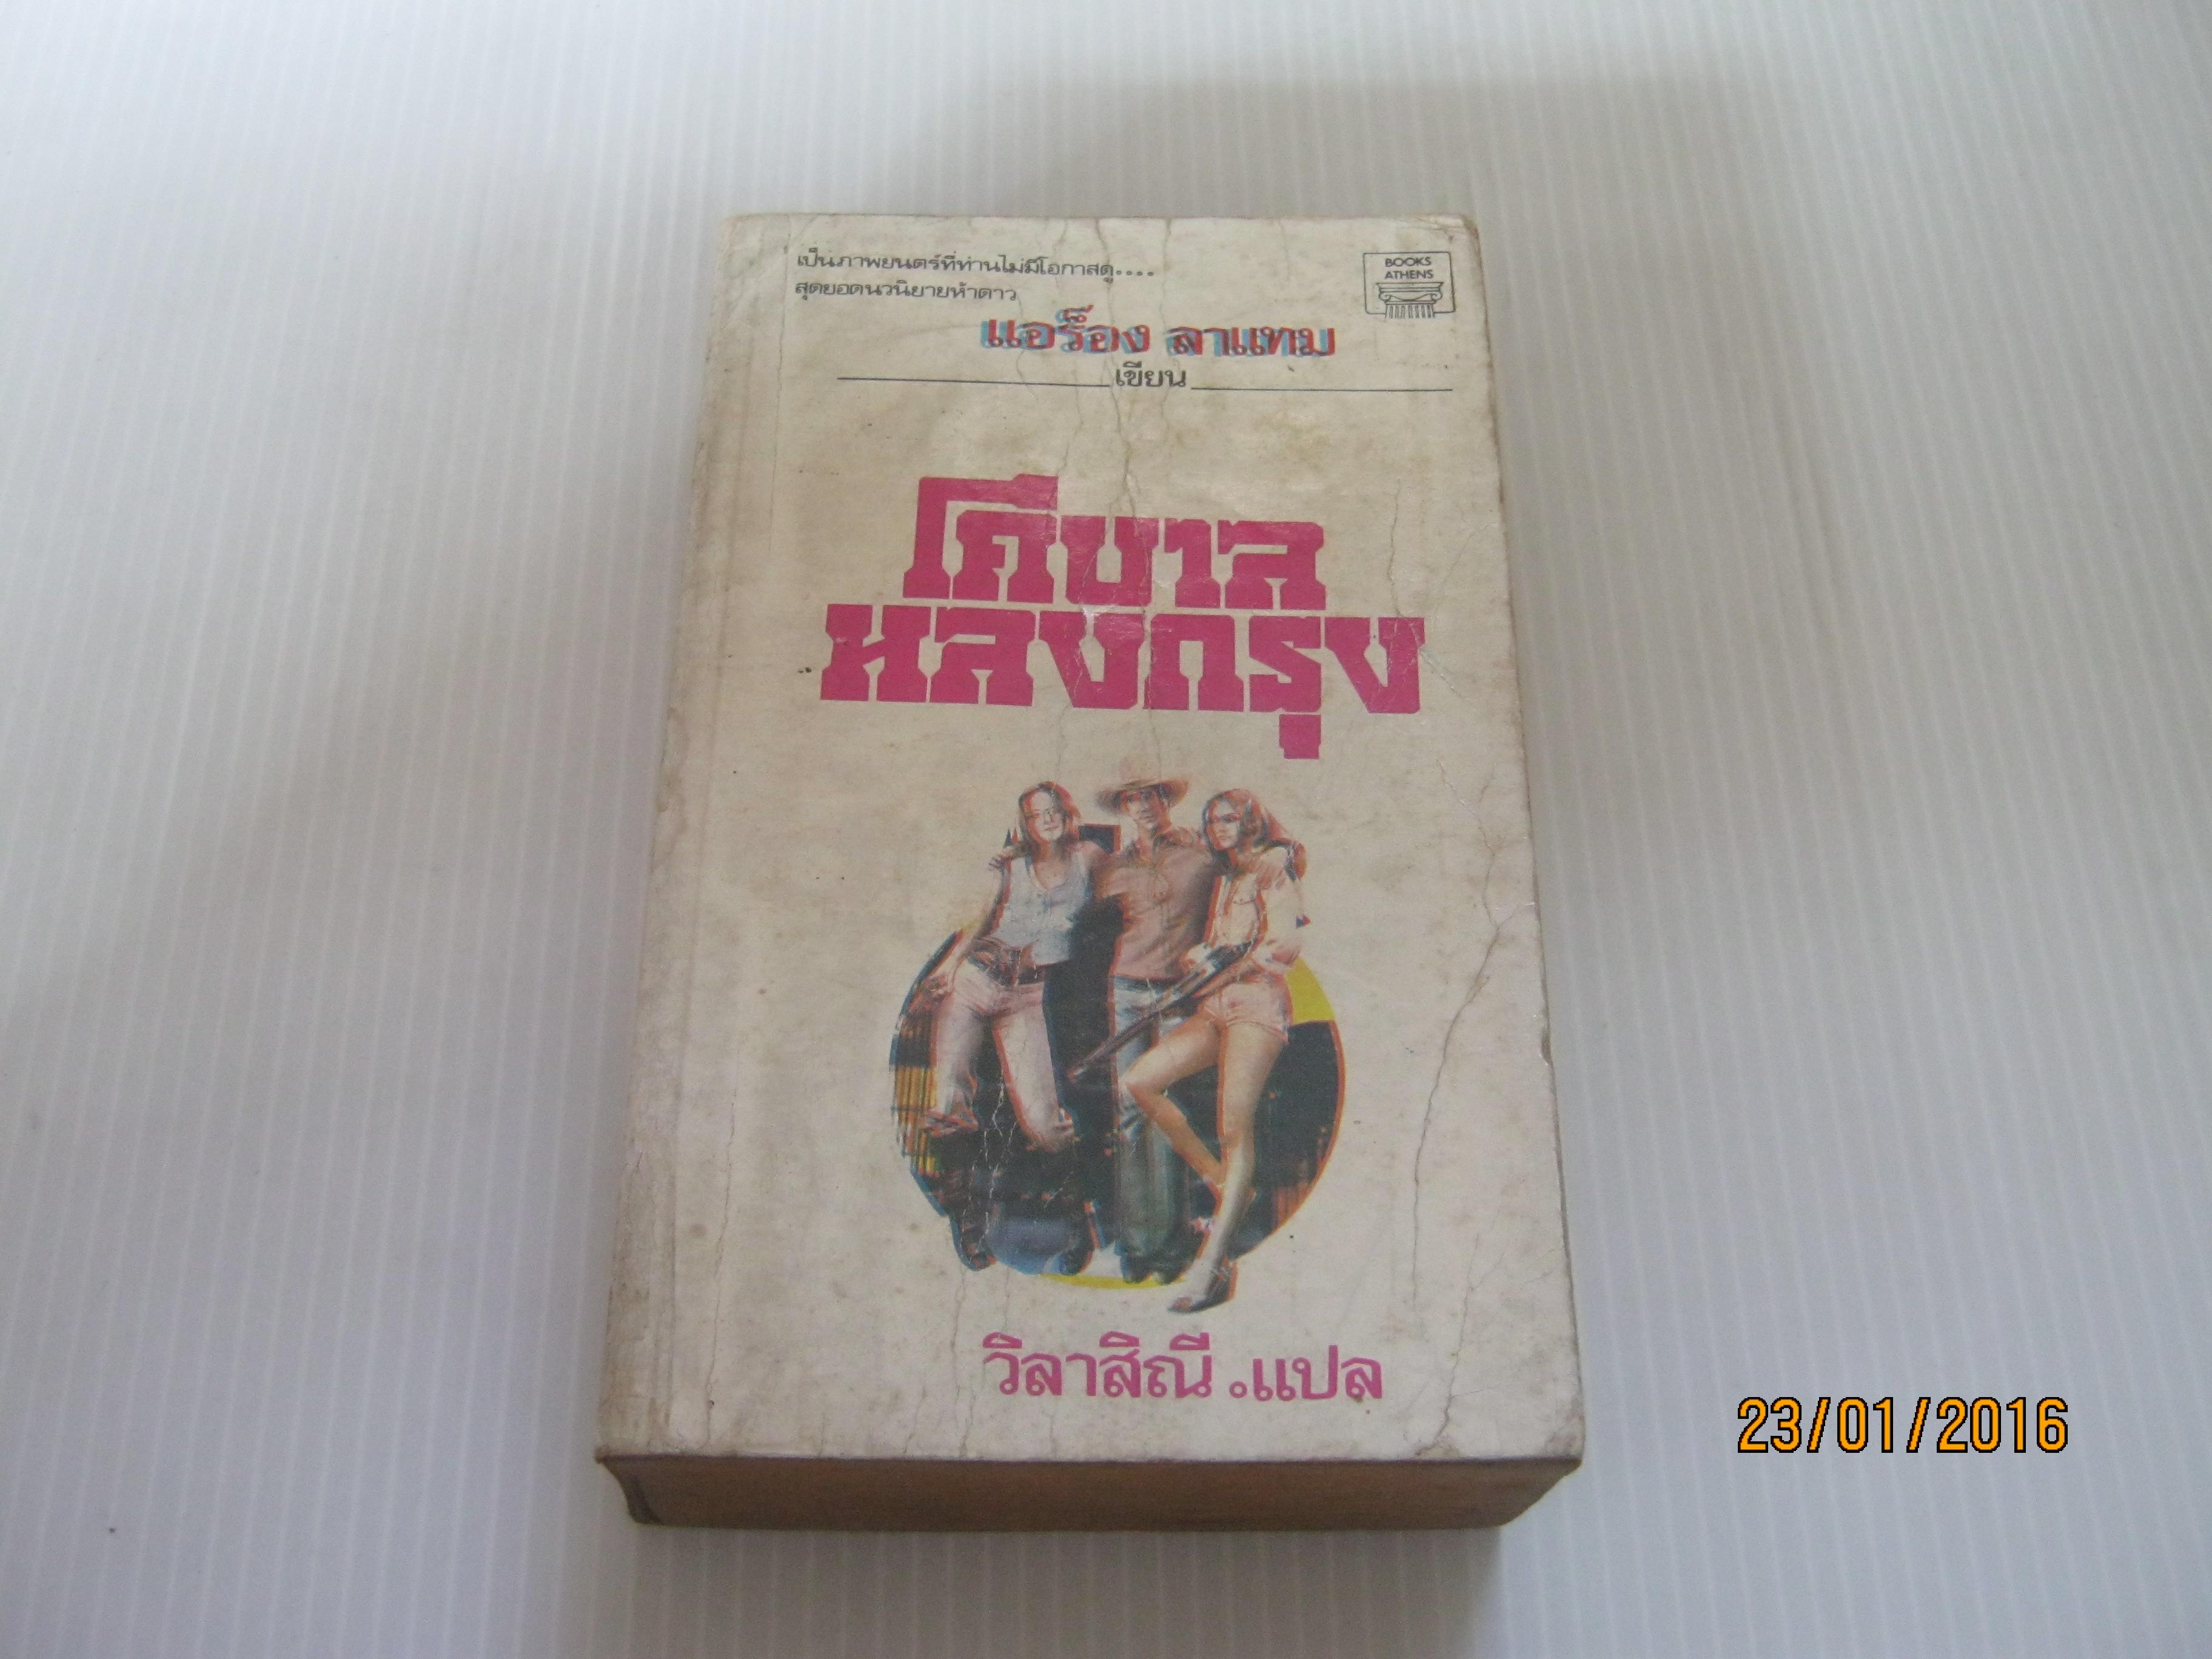 โคบาลหลงกรุง (Urban Cowboy) แอร็อง ลาแทม เขียน วิลาสิณี แปล